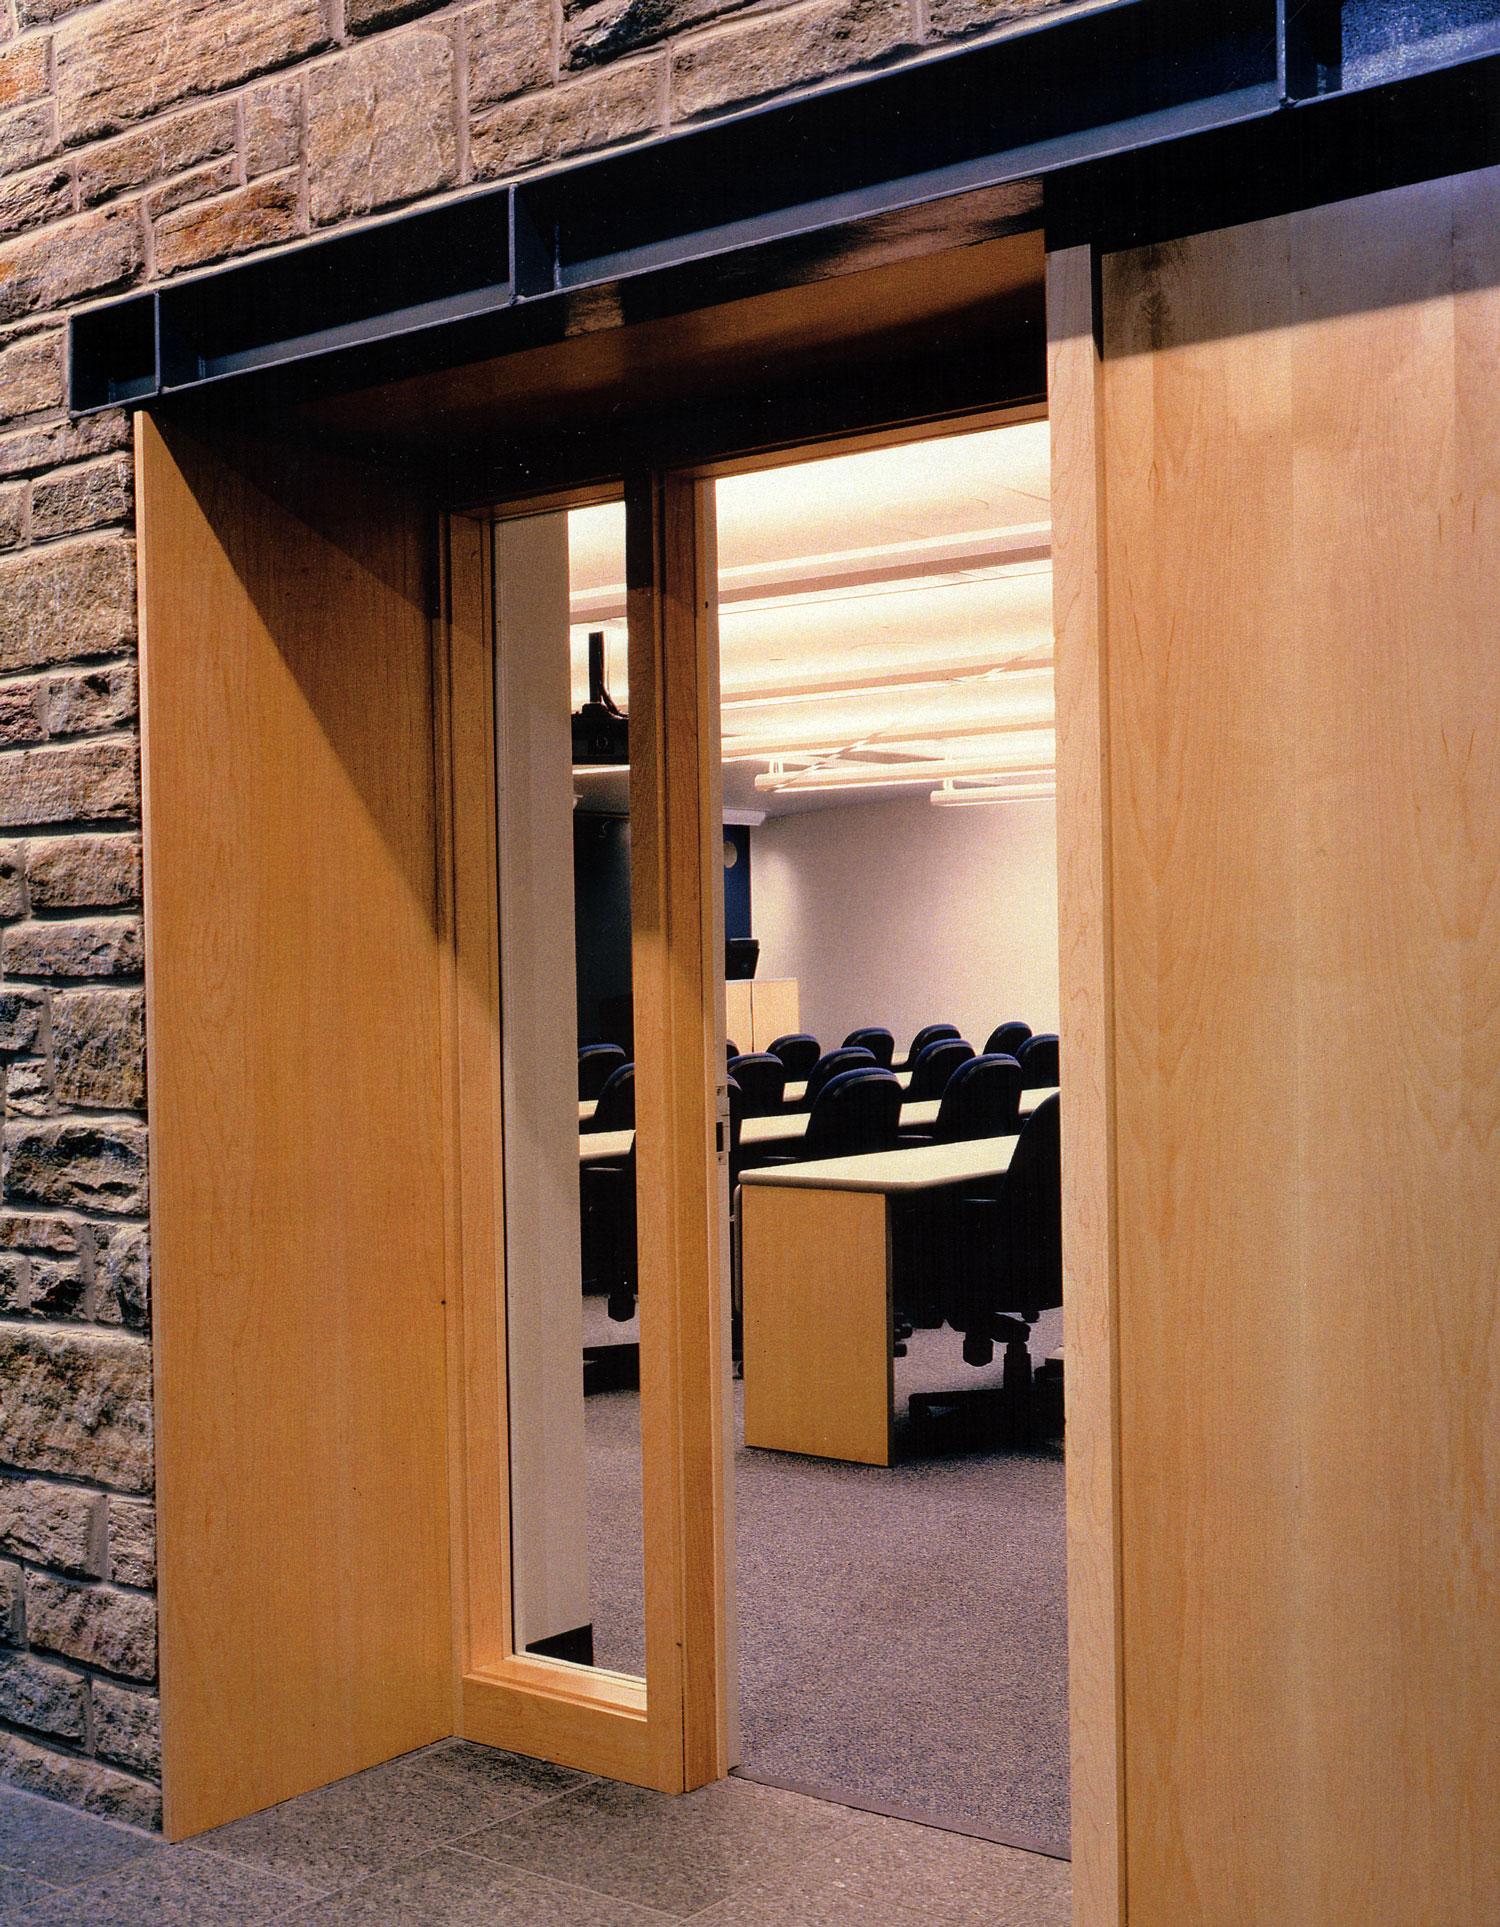 06KD-interior-doorway.jpg